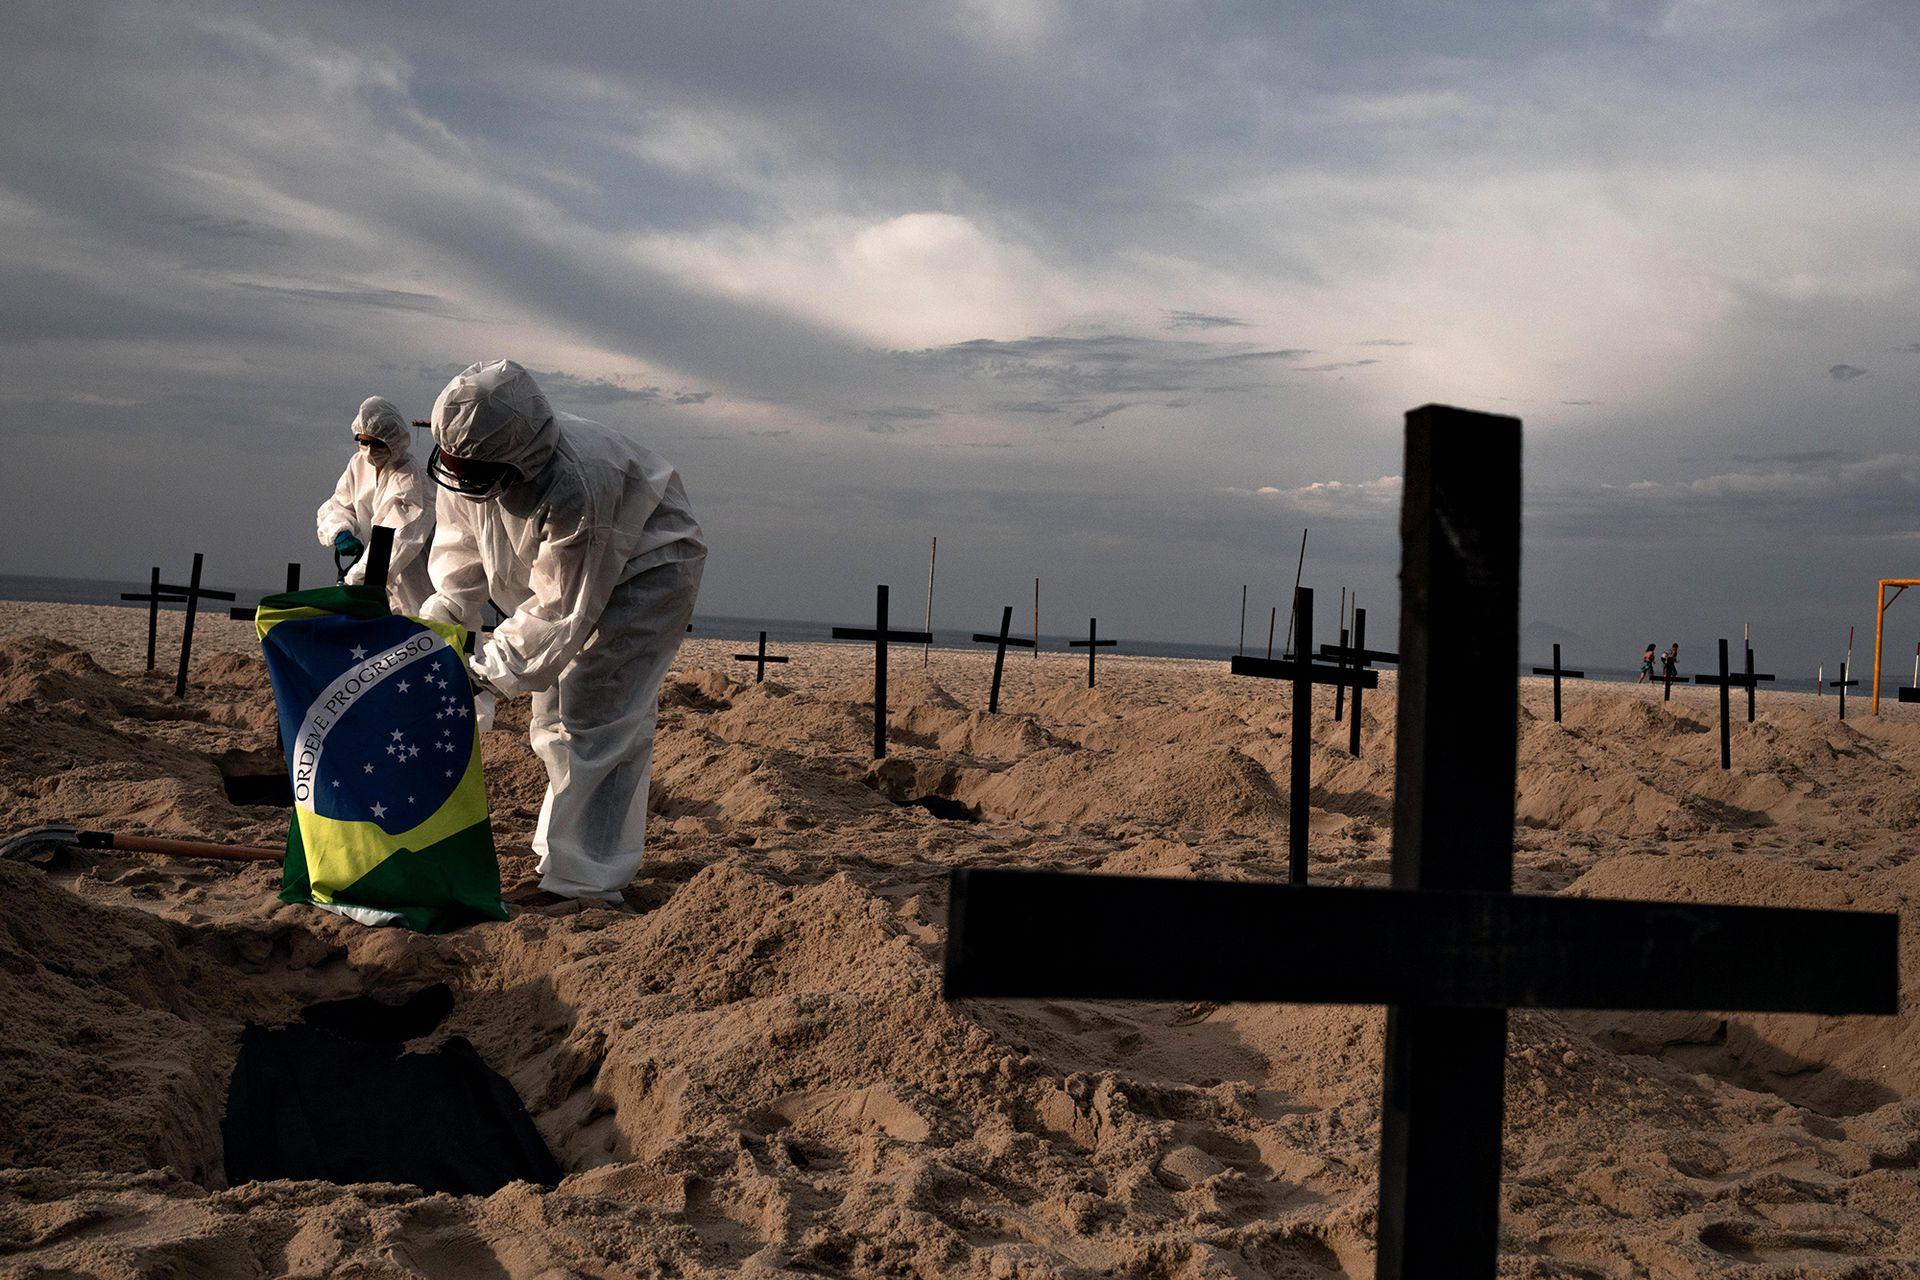 El efecto visual recuerda a imágenes de cementerios en muchas ciudades de este país, donde se están cavando tumbas apresuradamente debido a la pandemia